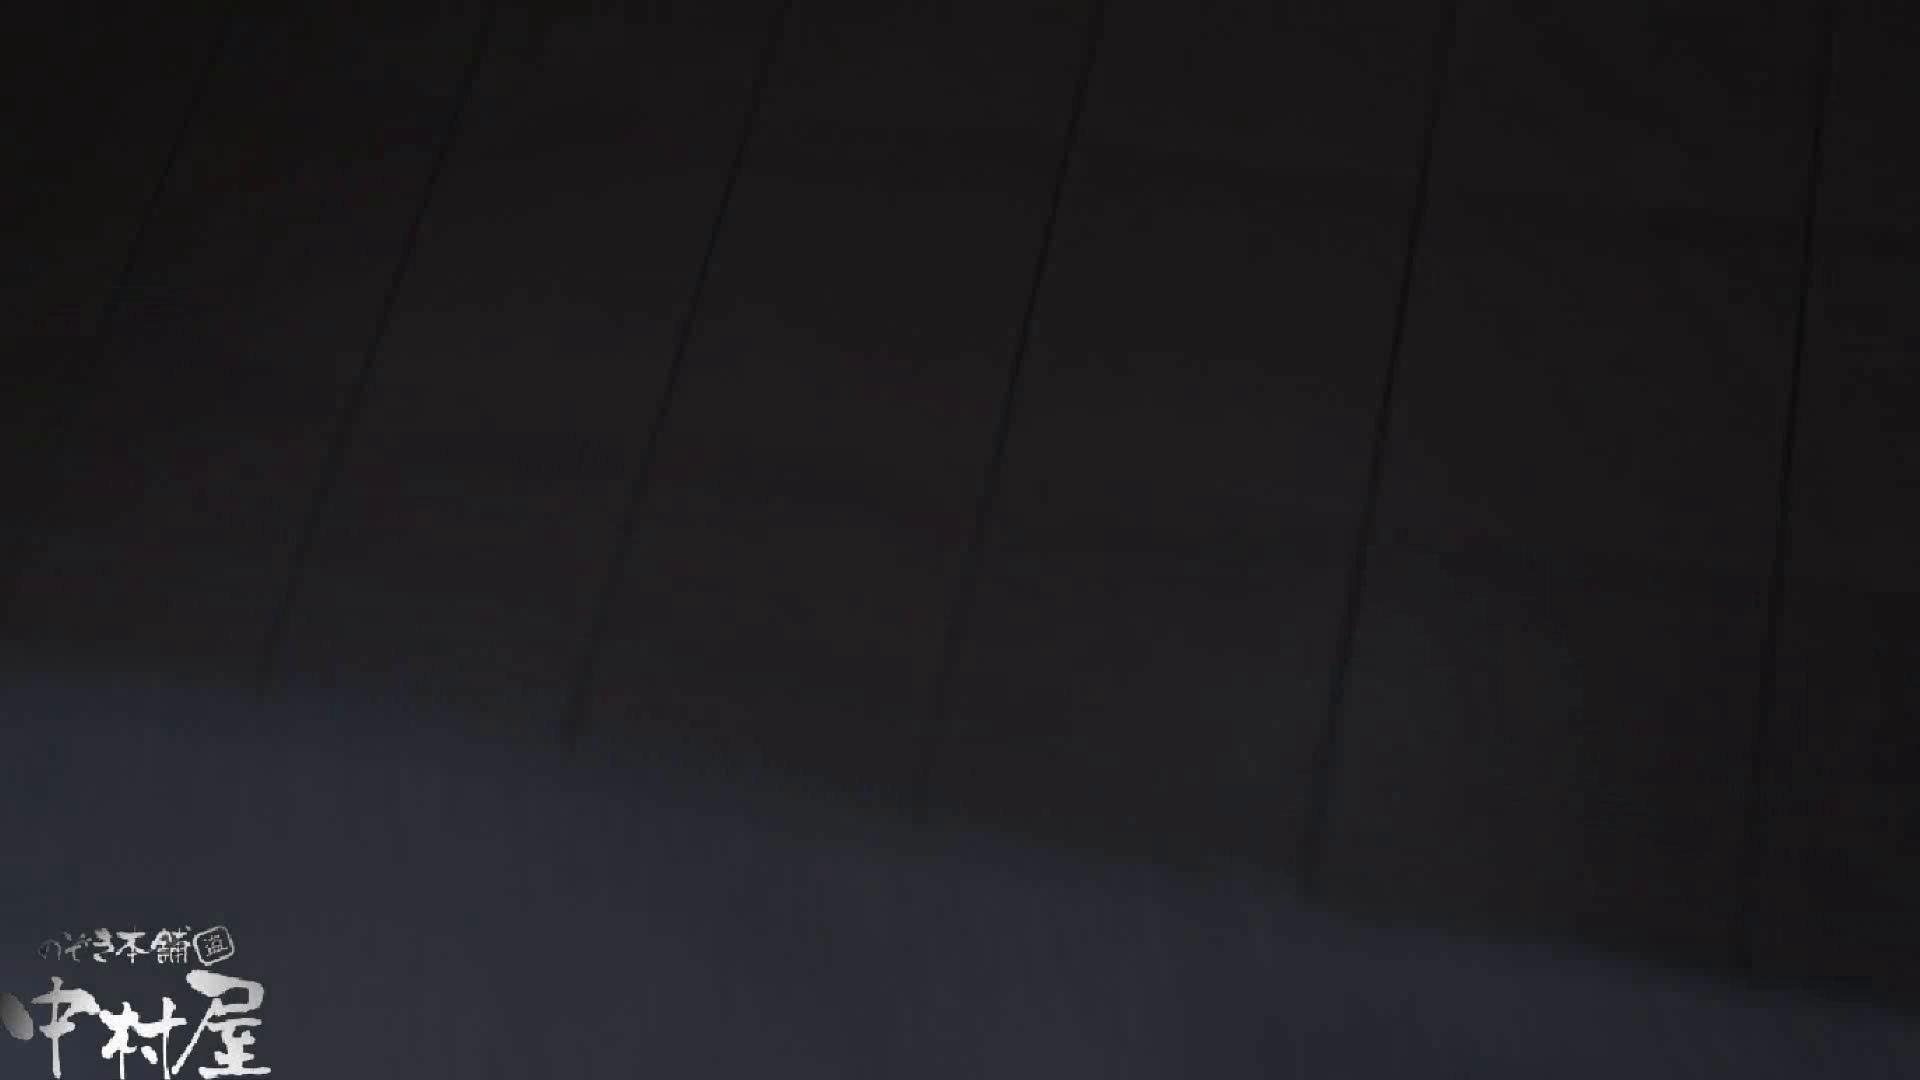 魂のかわや盗撮62連発! ドデカイ空爆! 14発目! 盗撮  27pic 6